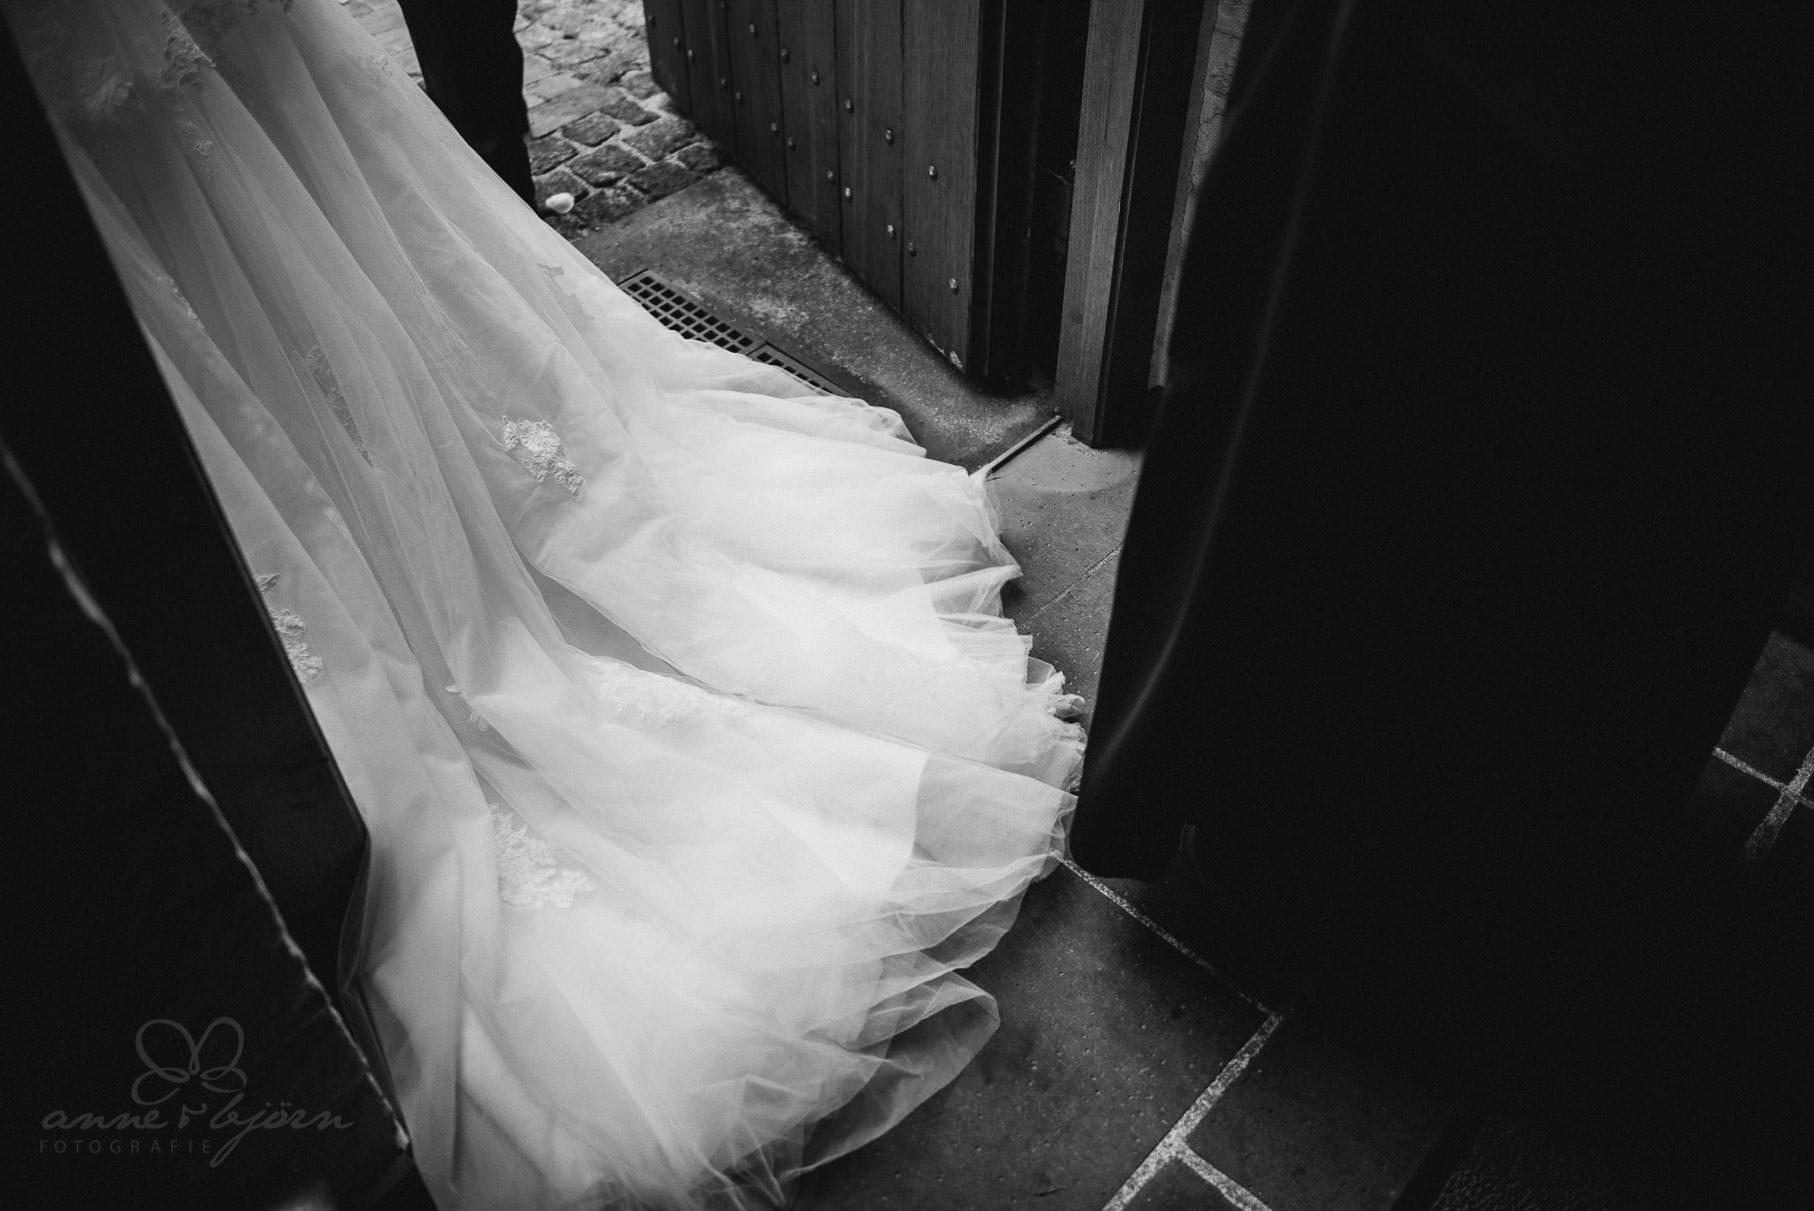 0068 aub 811 5275 - Hochzeit auf Gut Thansen - Anja & Björn